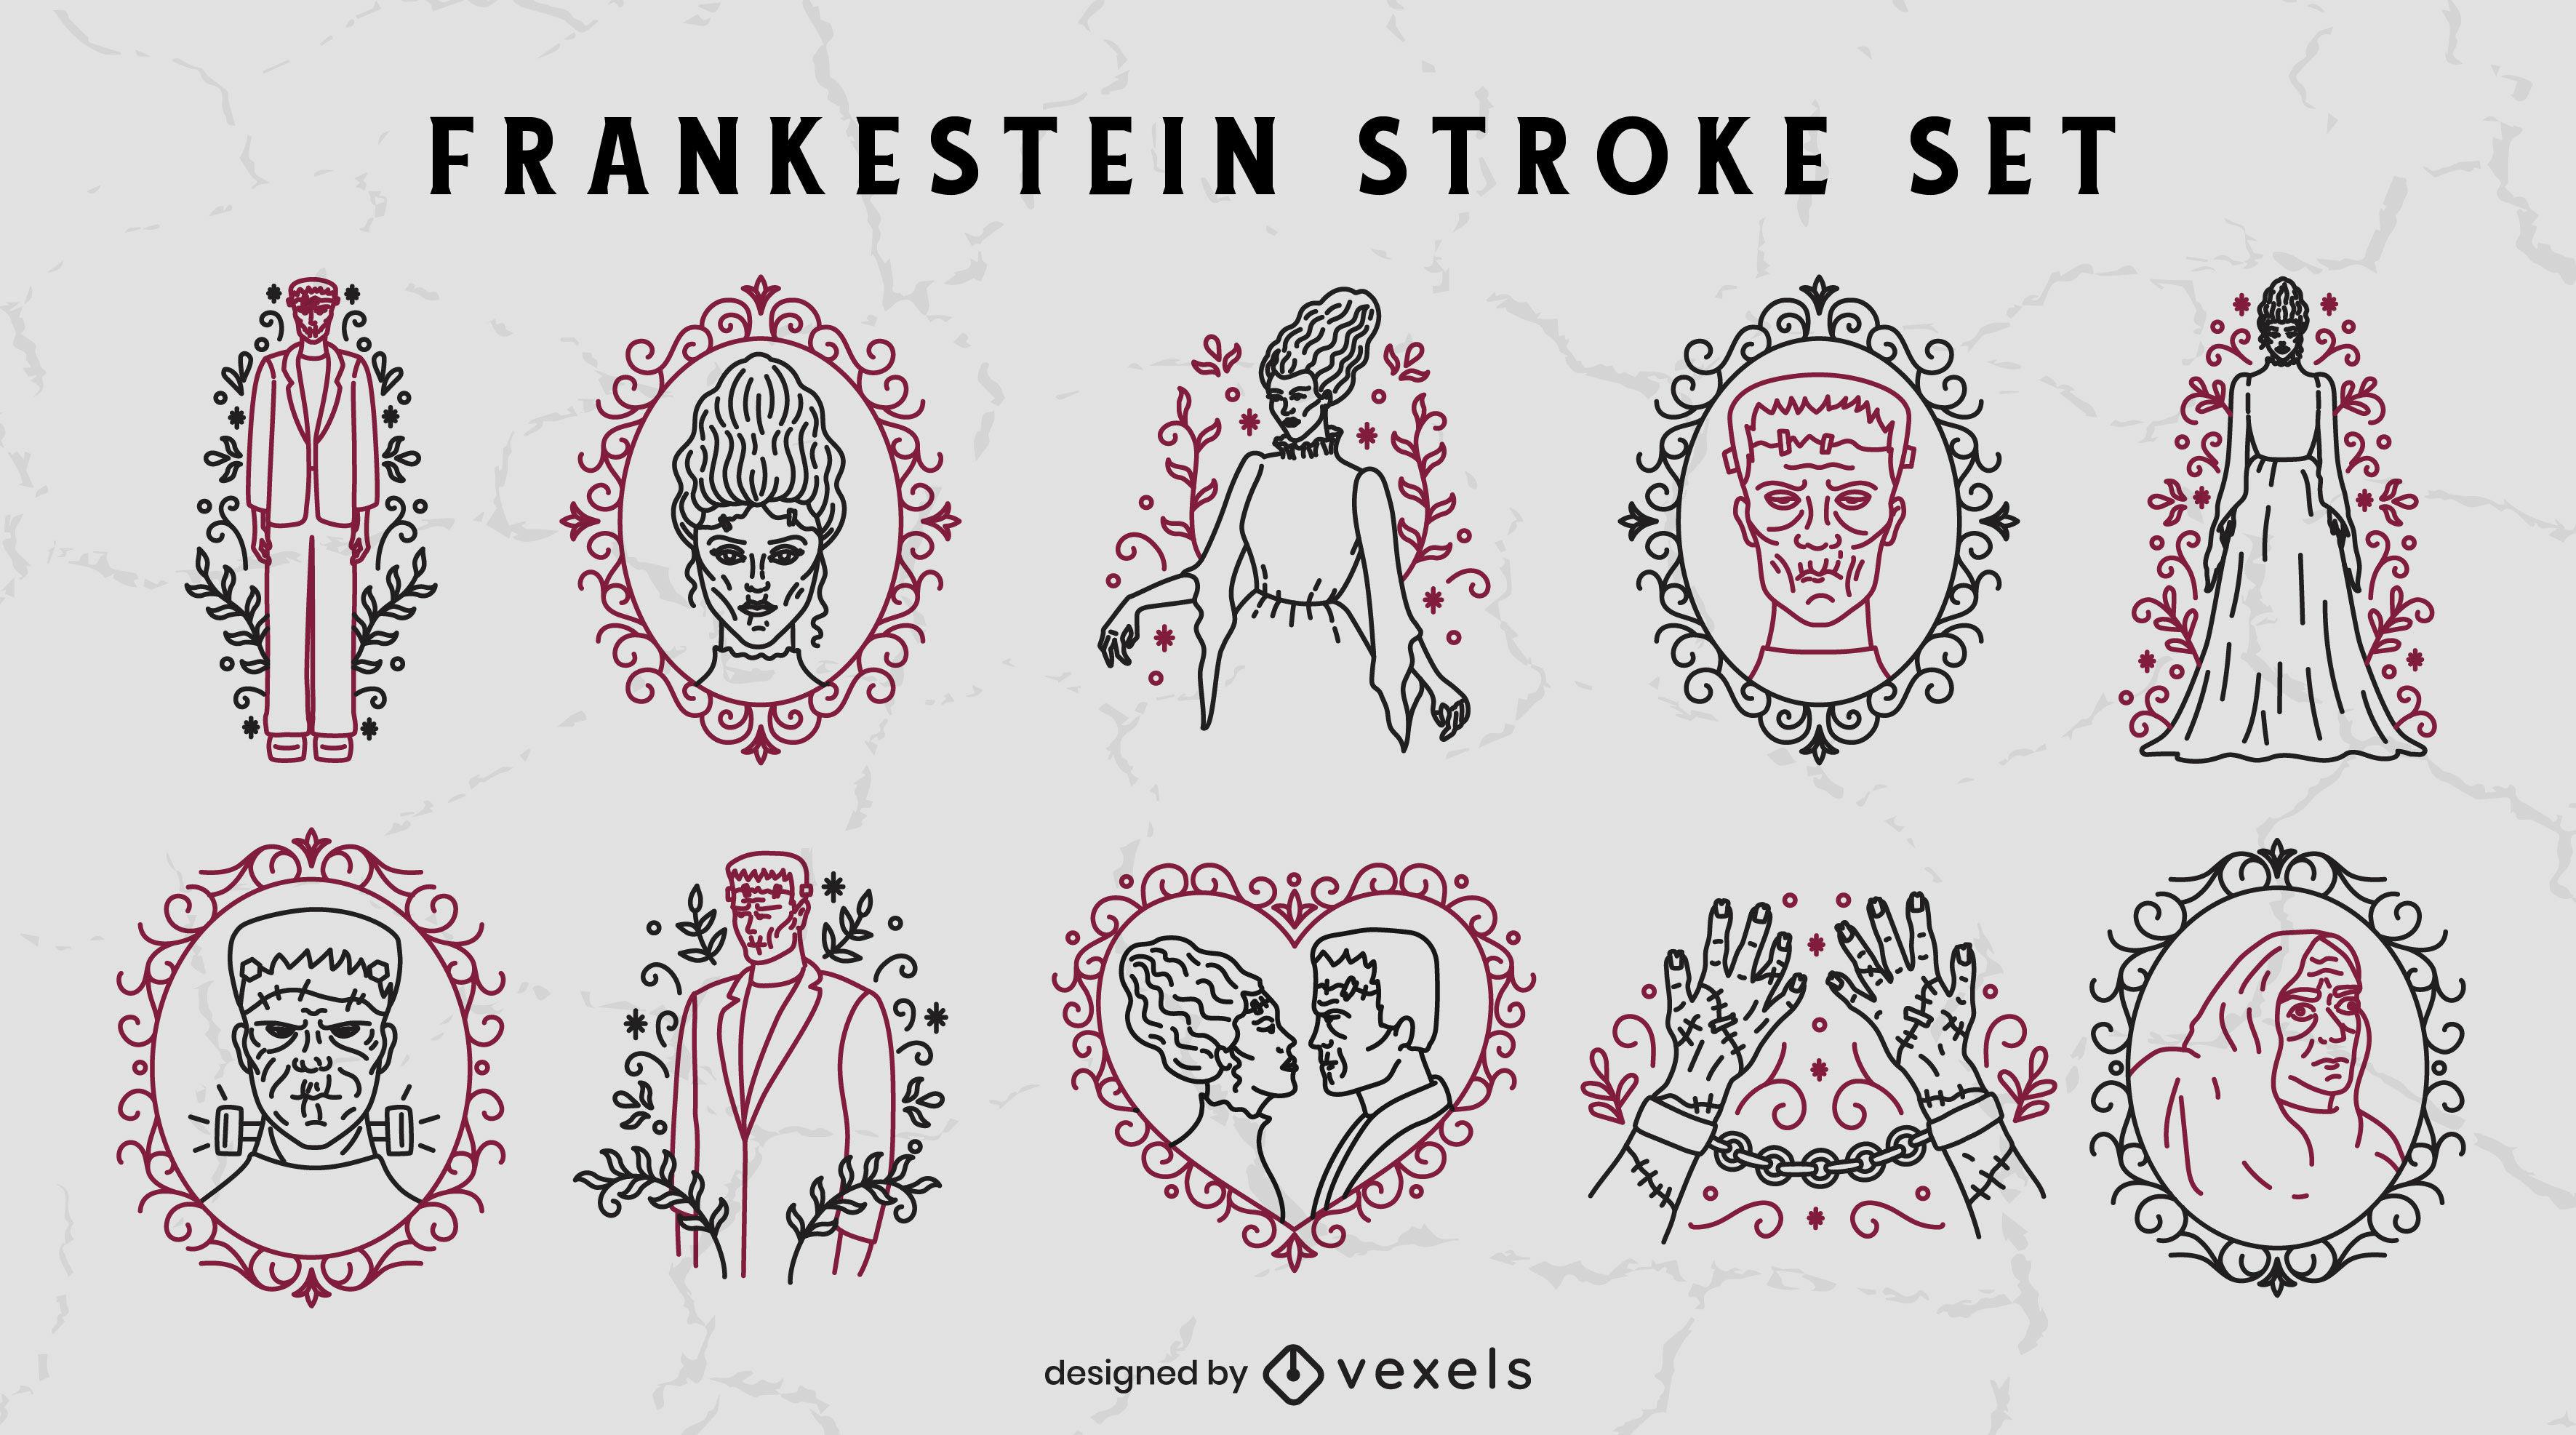 Conjunto de golpe de halloween do monstro Frankenstein